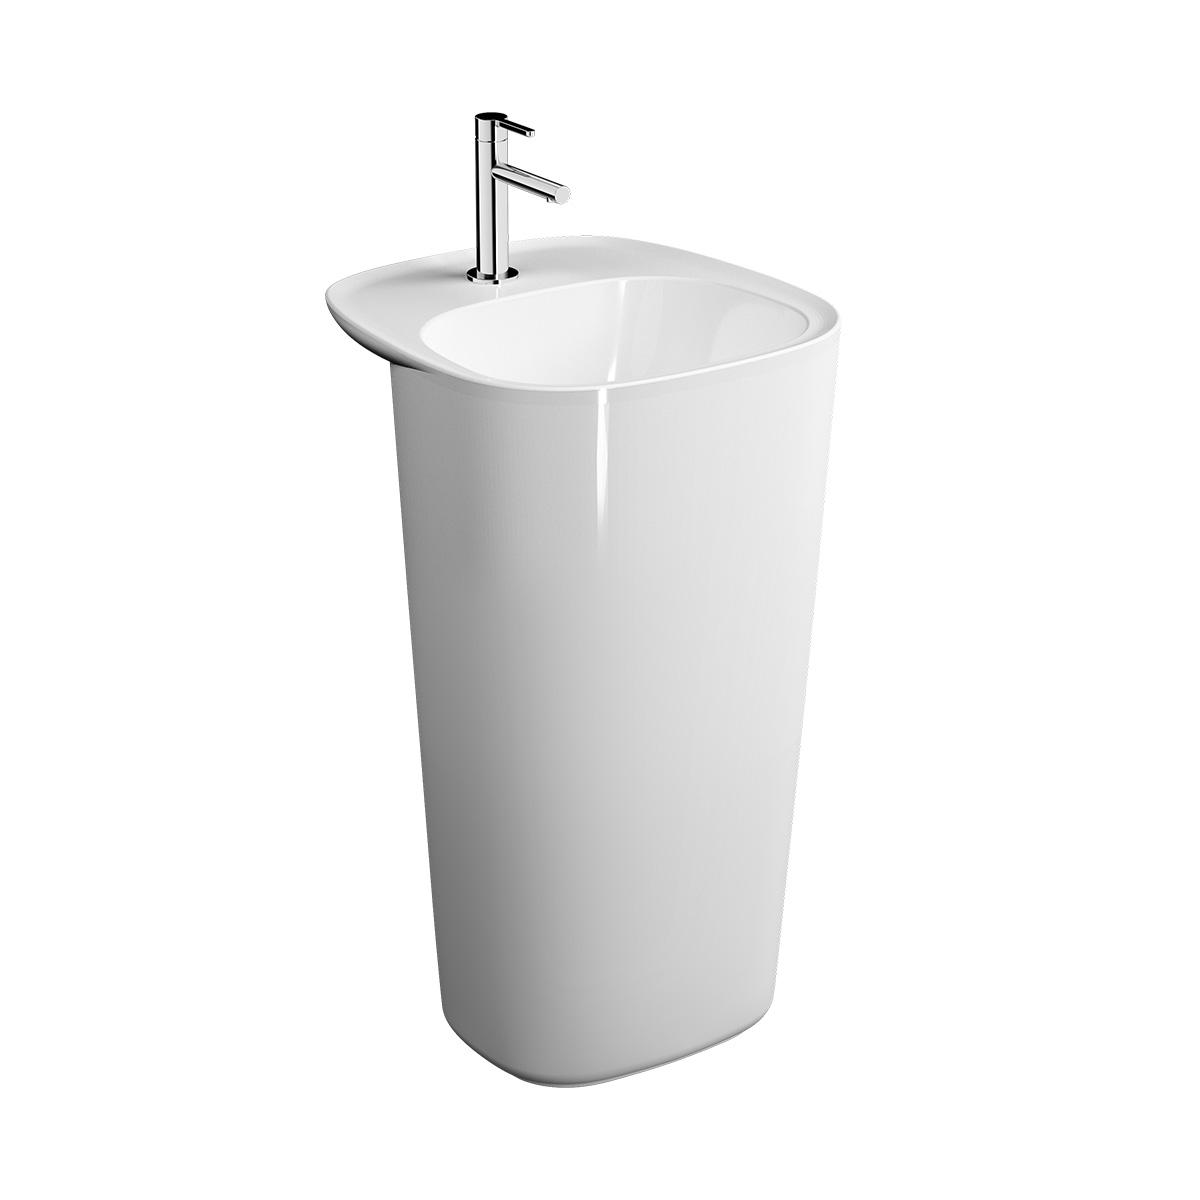 Plural Monoblock Waschtisch mit Überlaufloch, Weiß Hochglanz